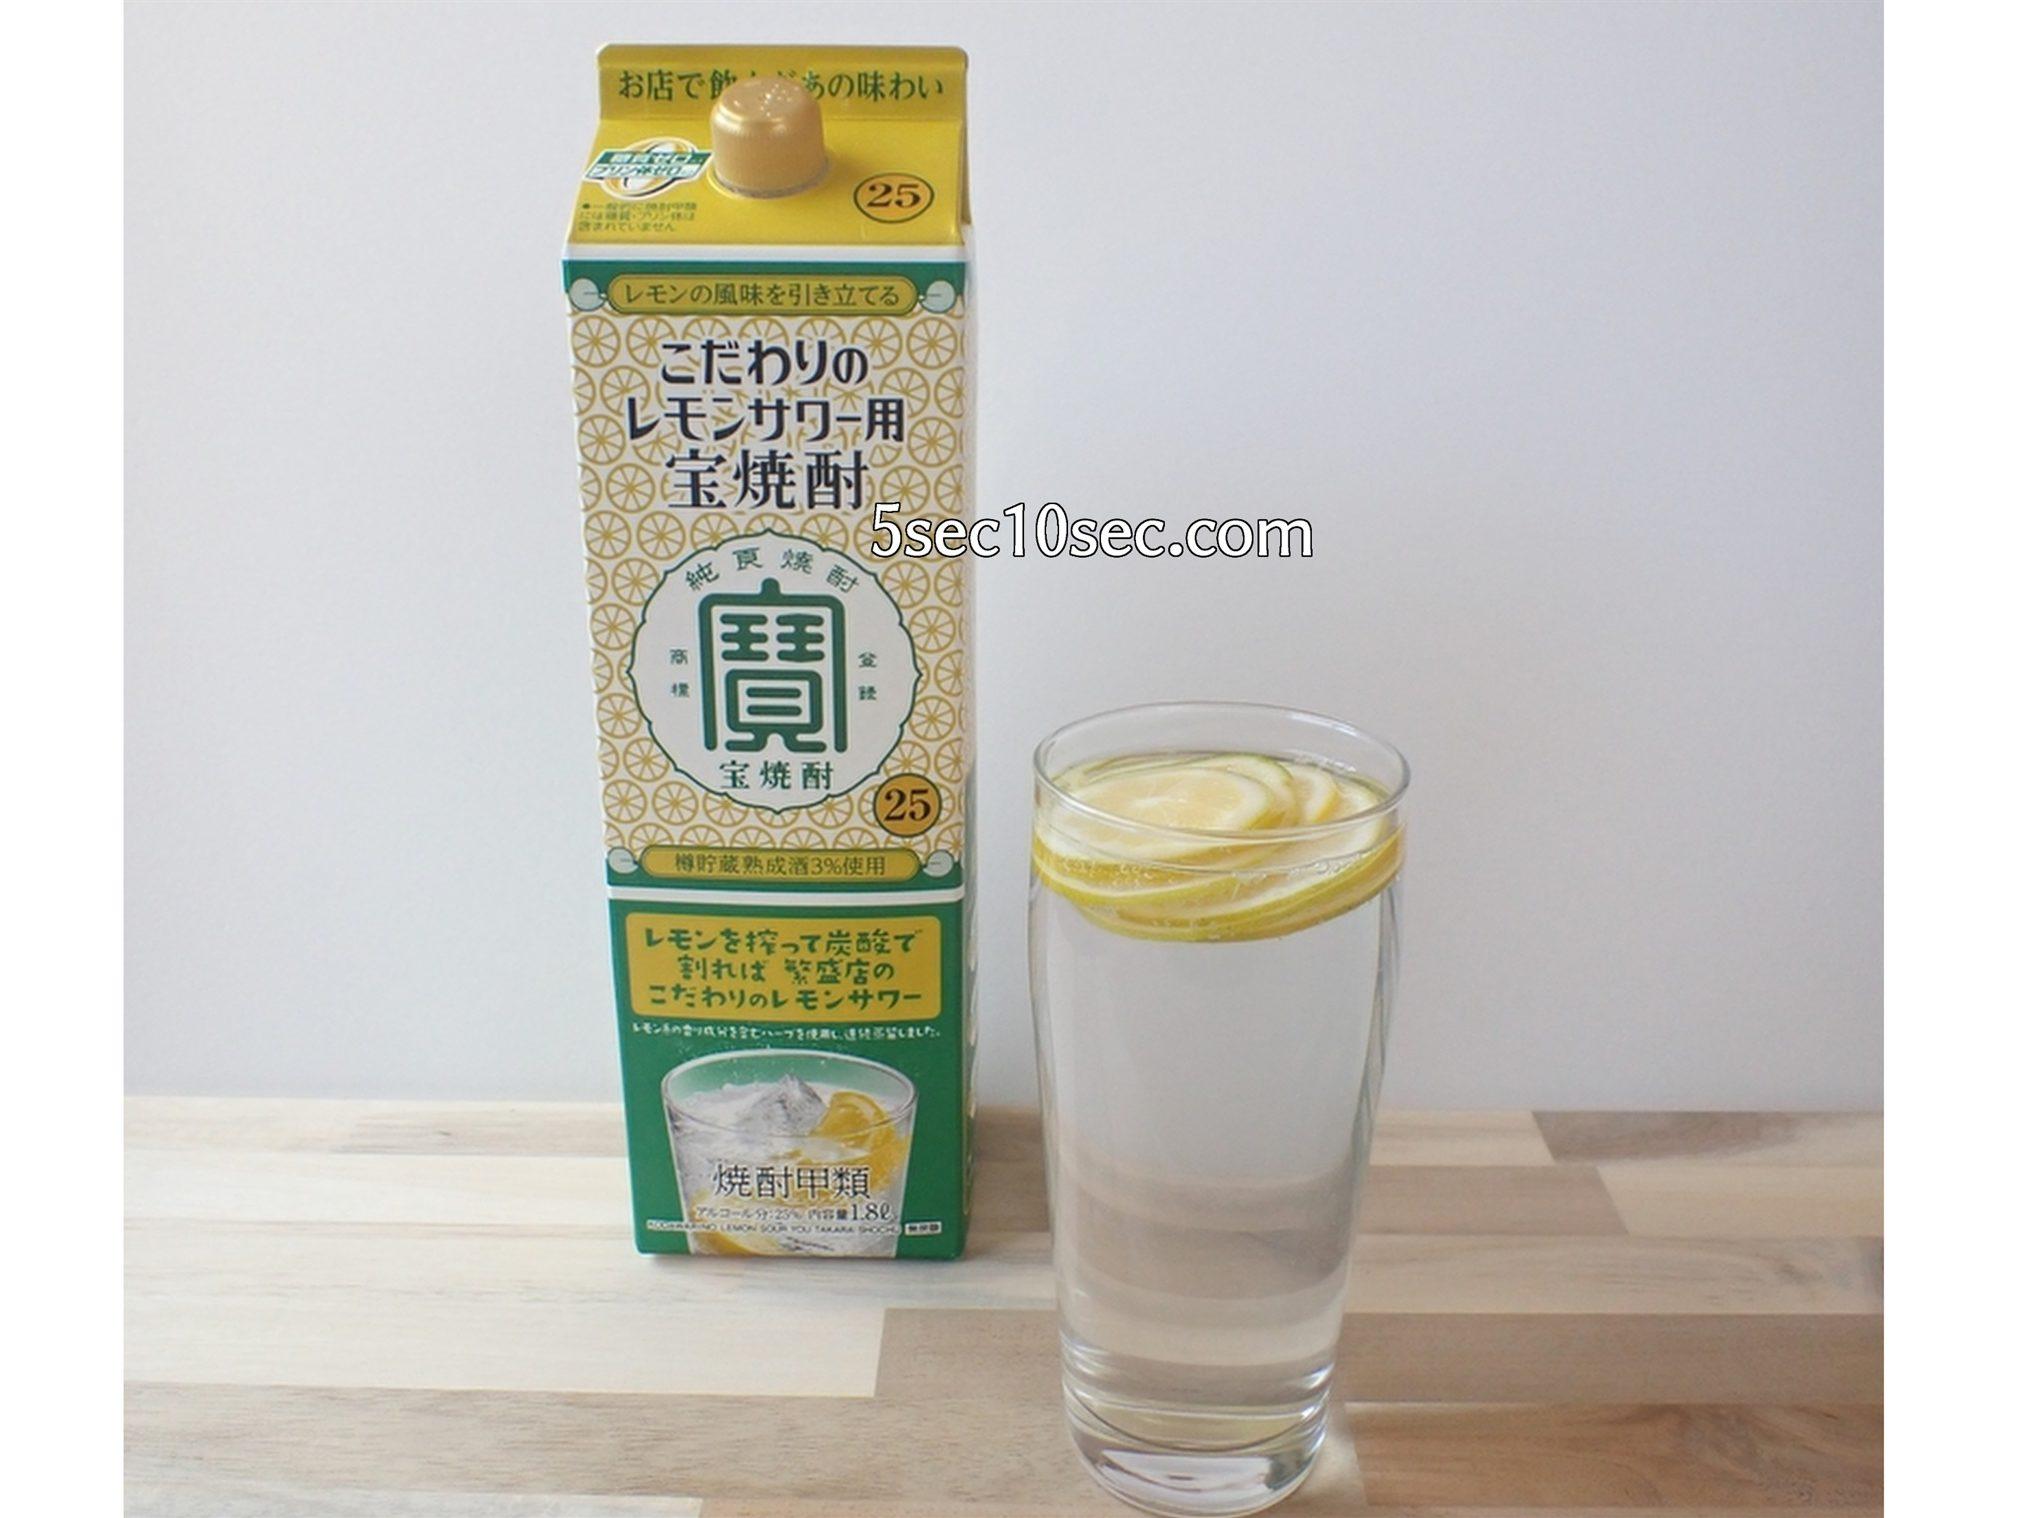 宝酒造 こだわりのレモンサワー用 宝焼酎 スライスレモンを入れるだけでもおいしい